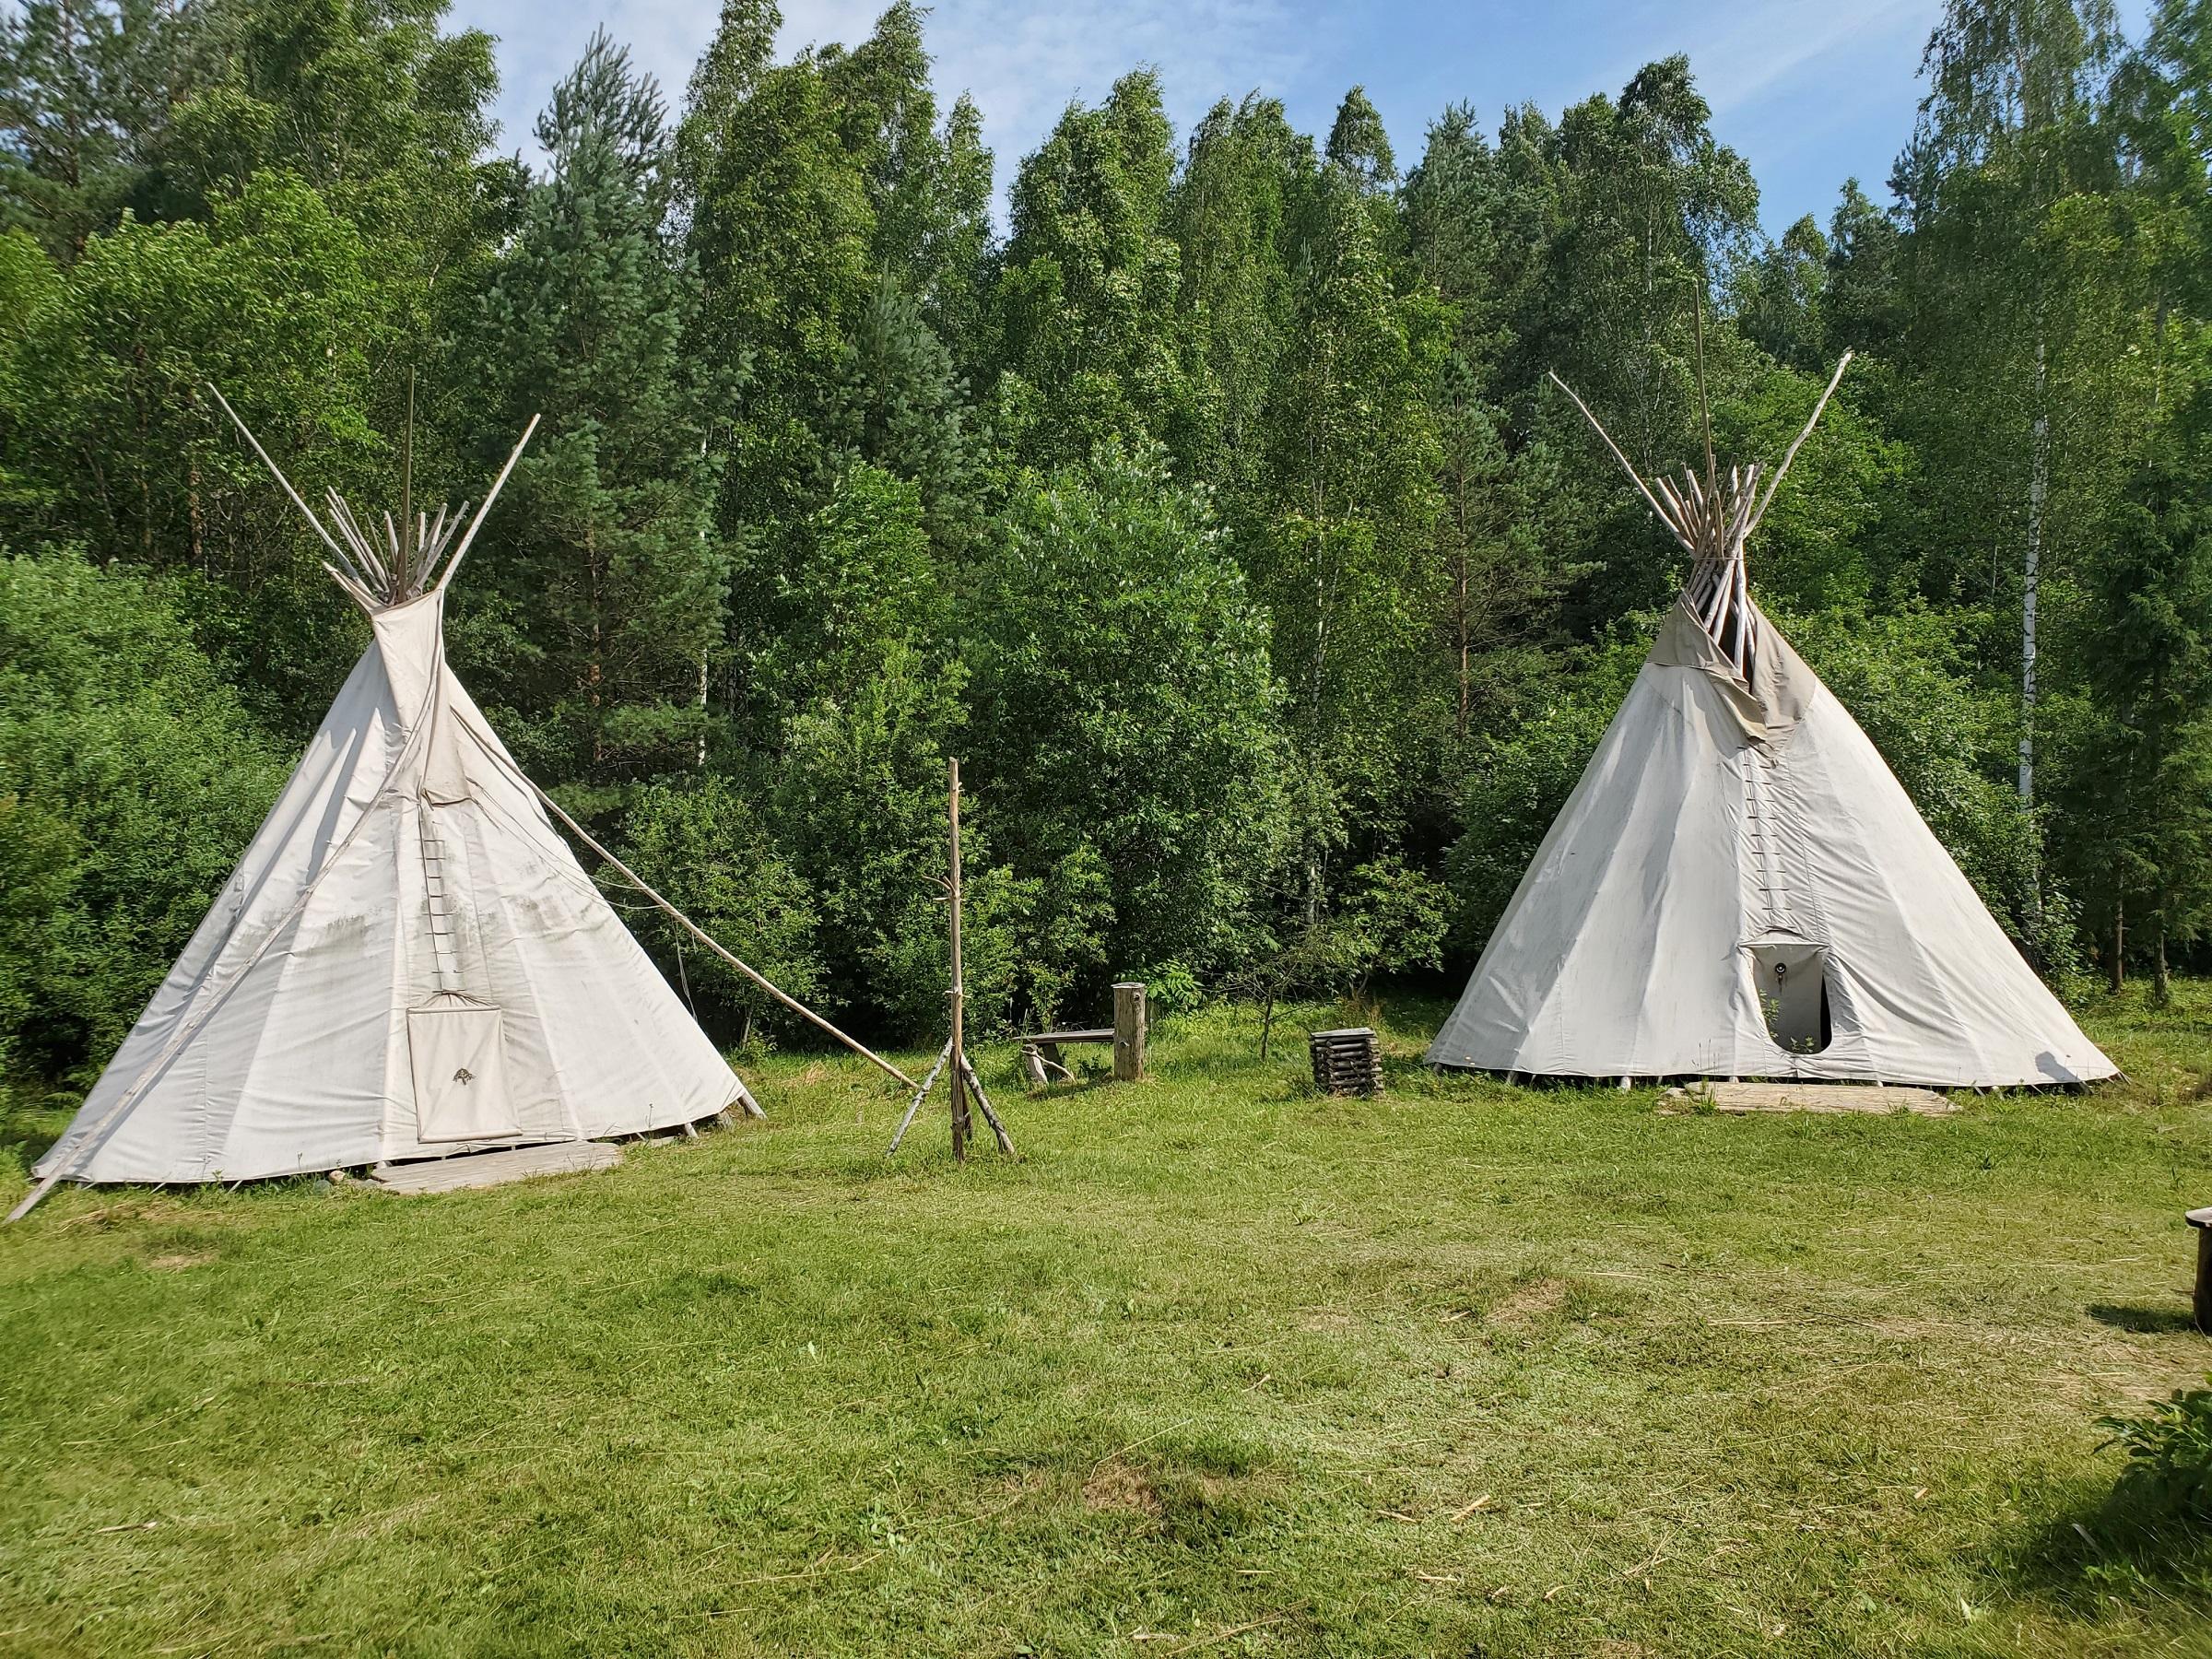 20200705 104041 - Путешествие в настоящую индейскую деревню